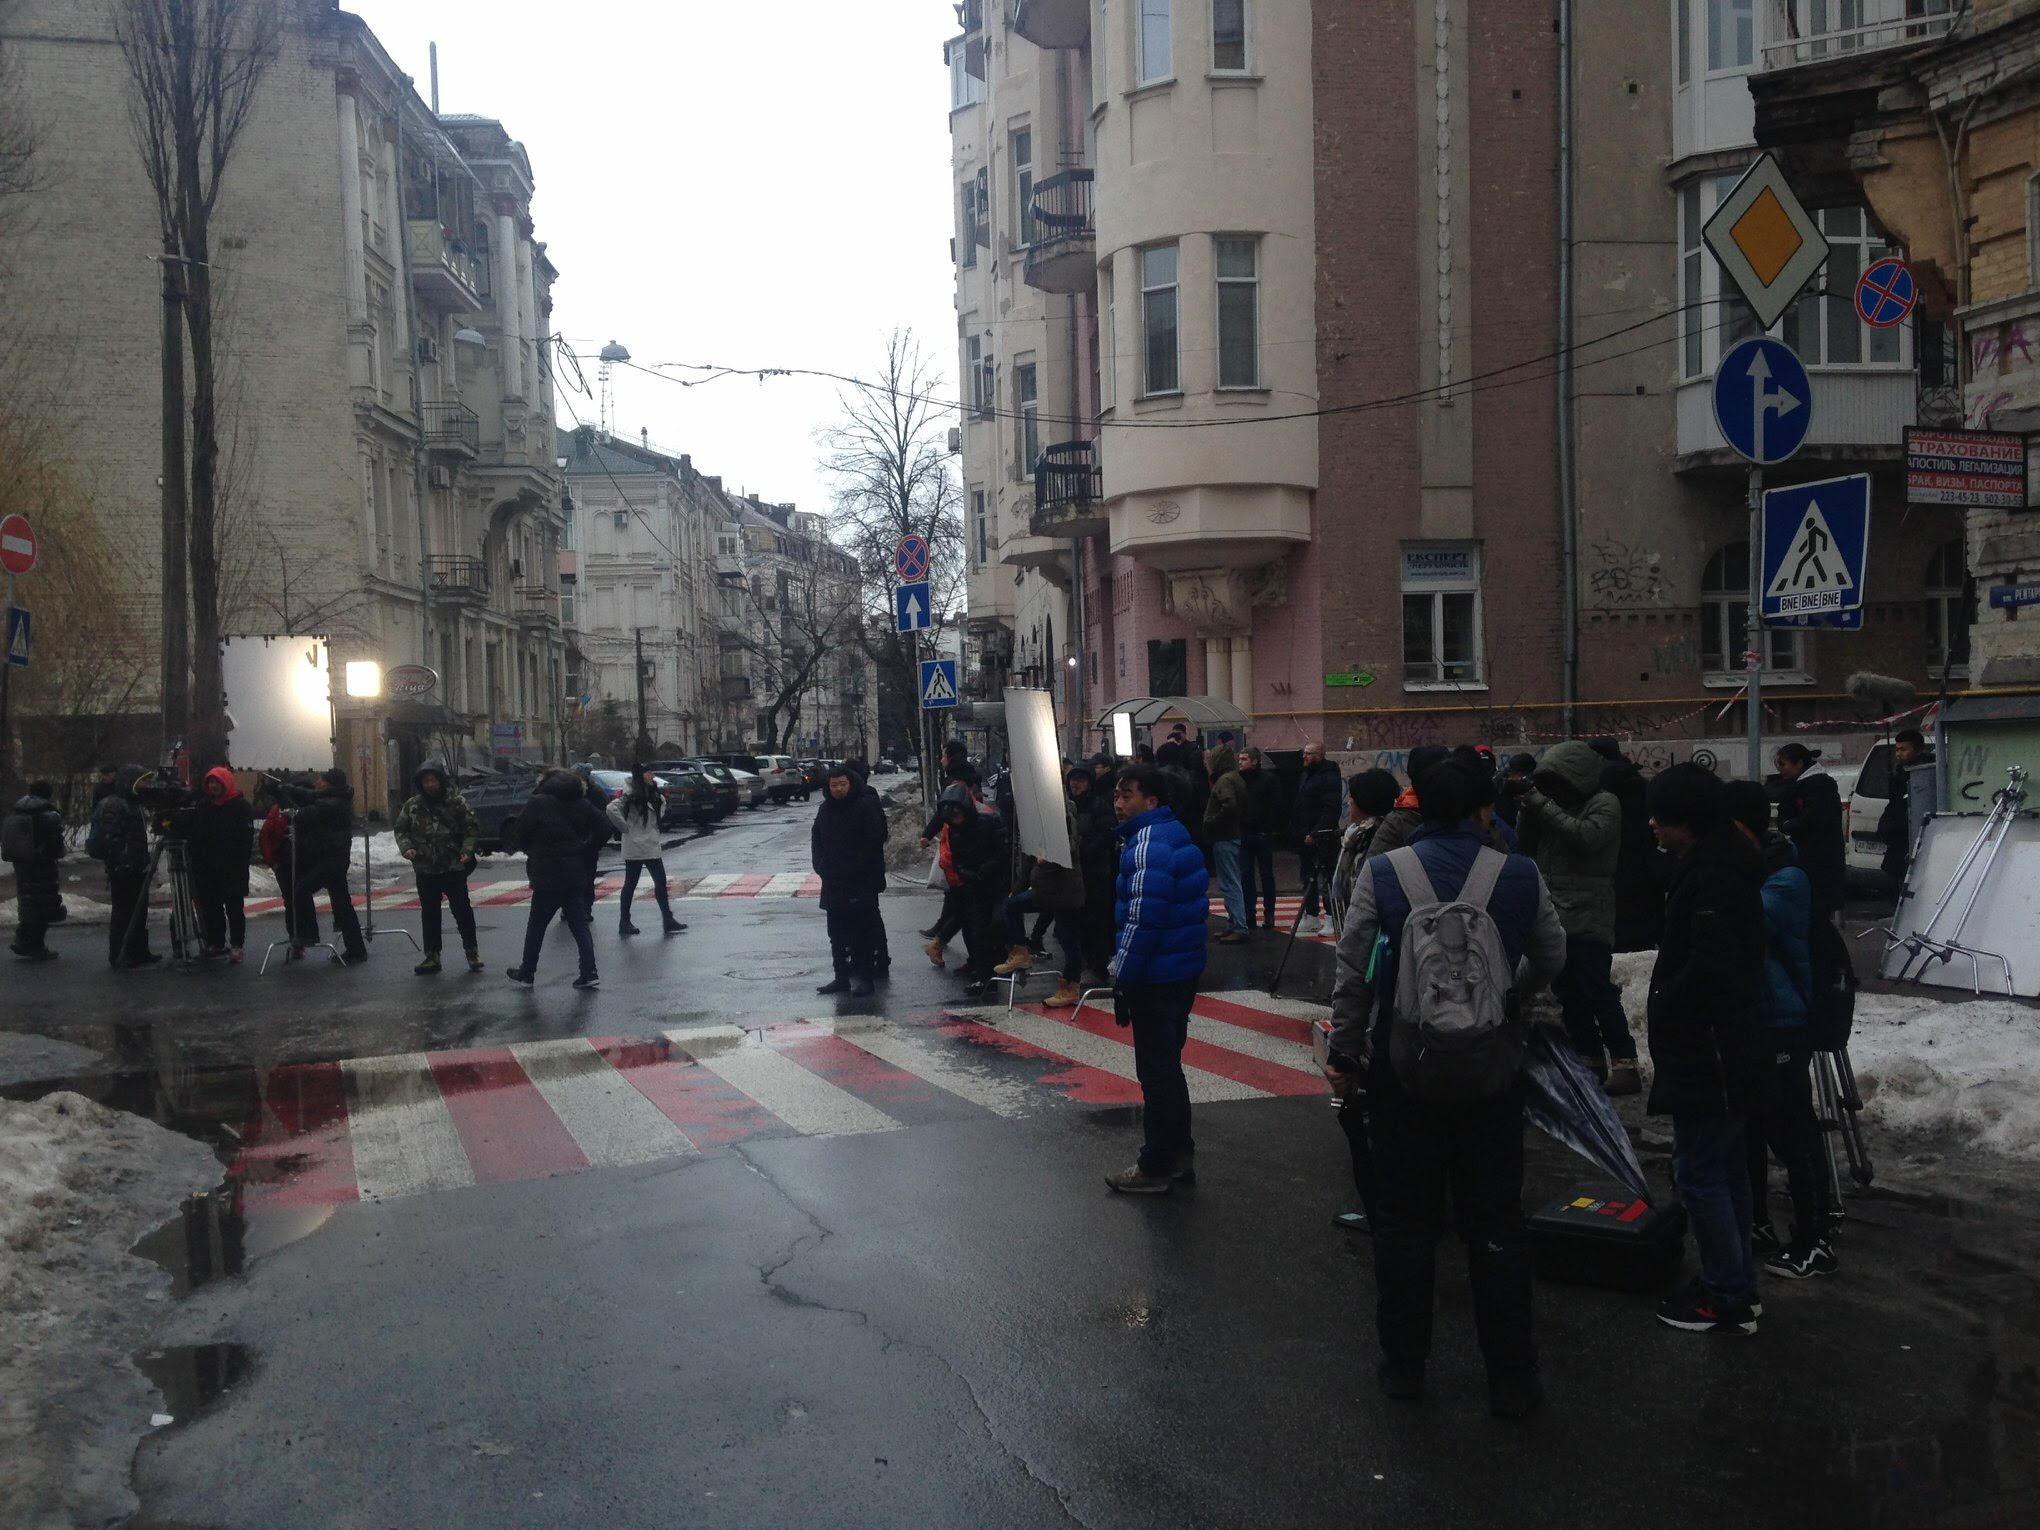 Из Китая для работы над сериалом прибыла группа в составе более 100 человек